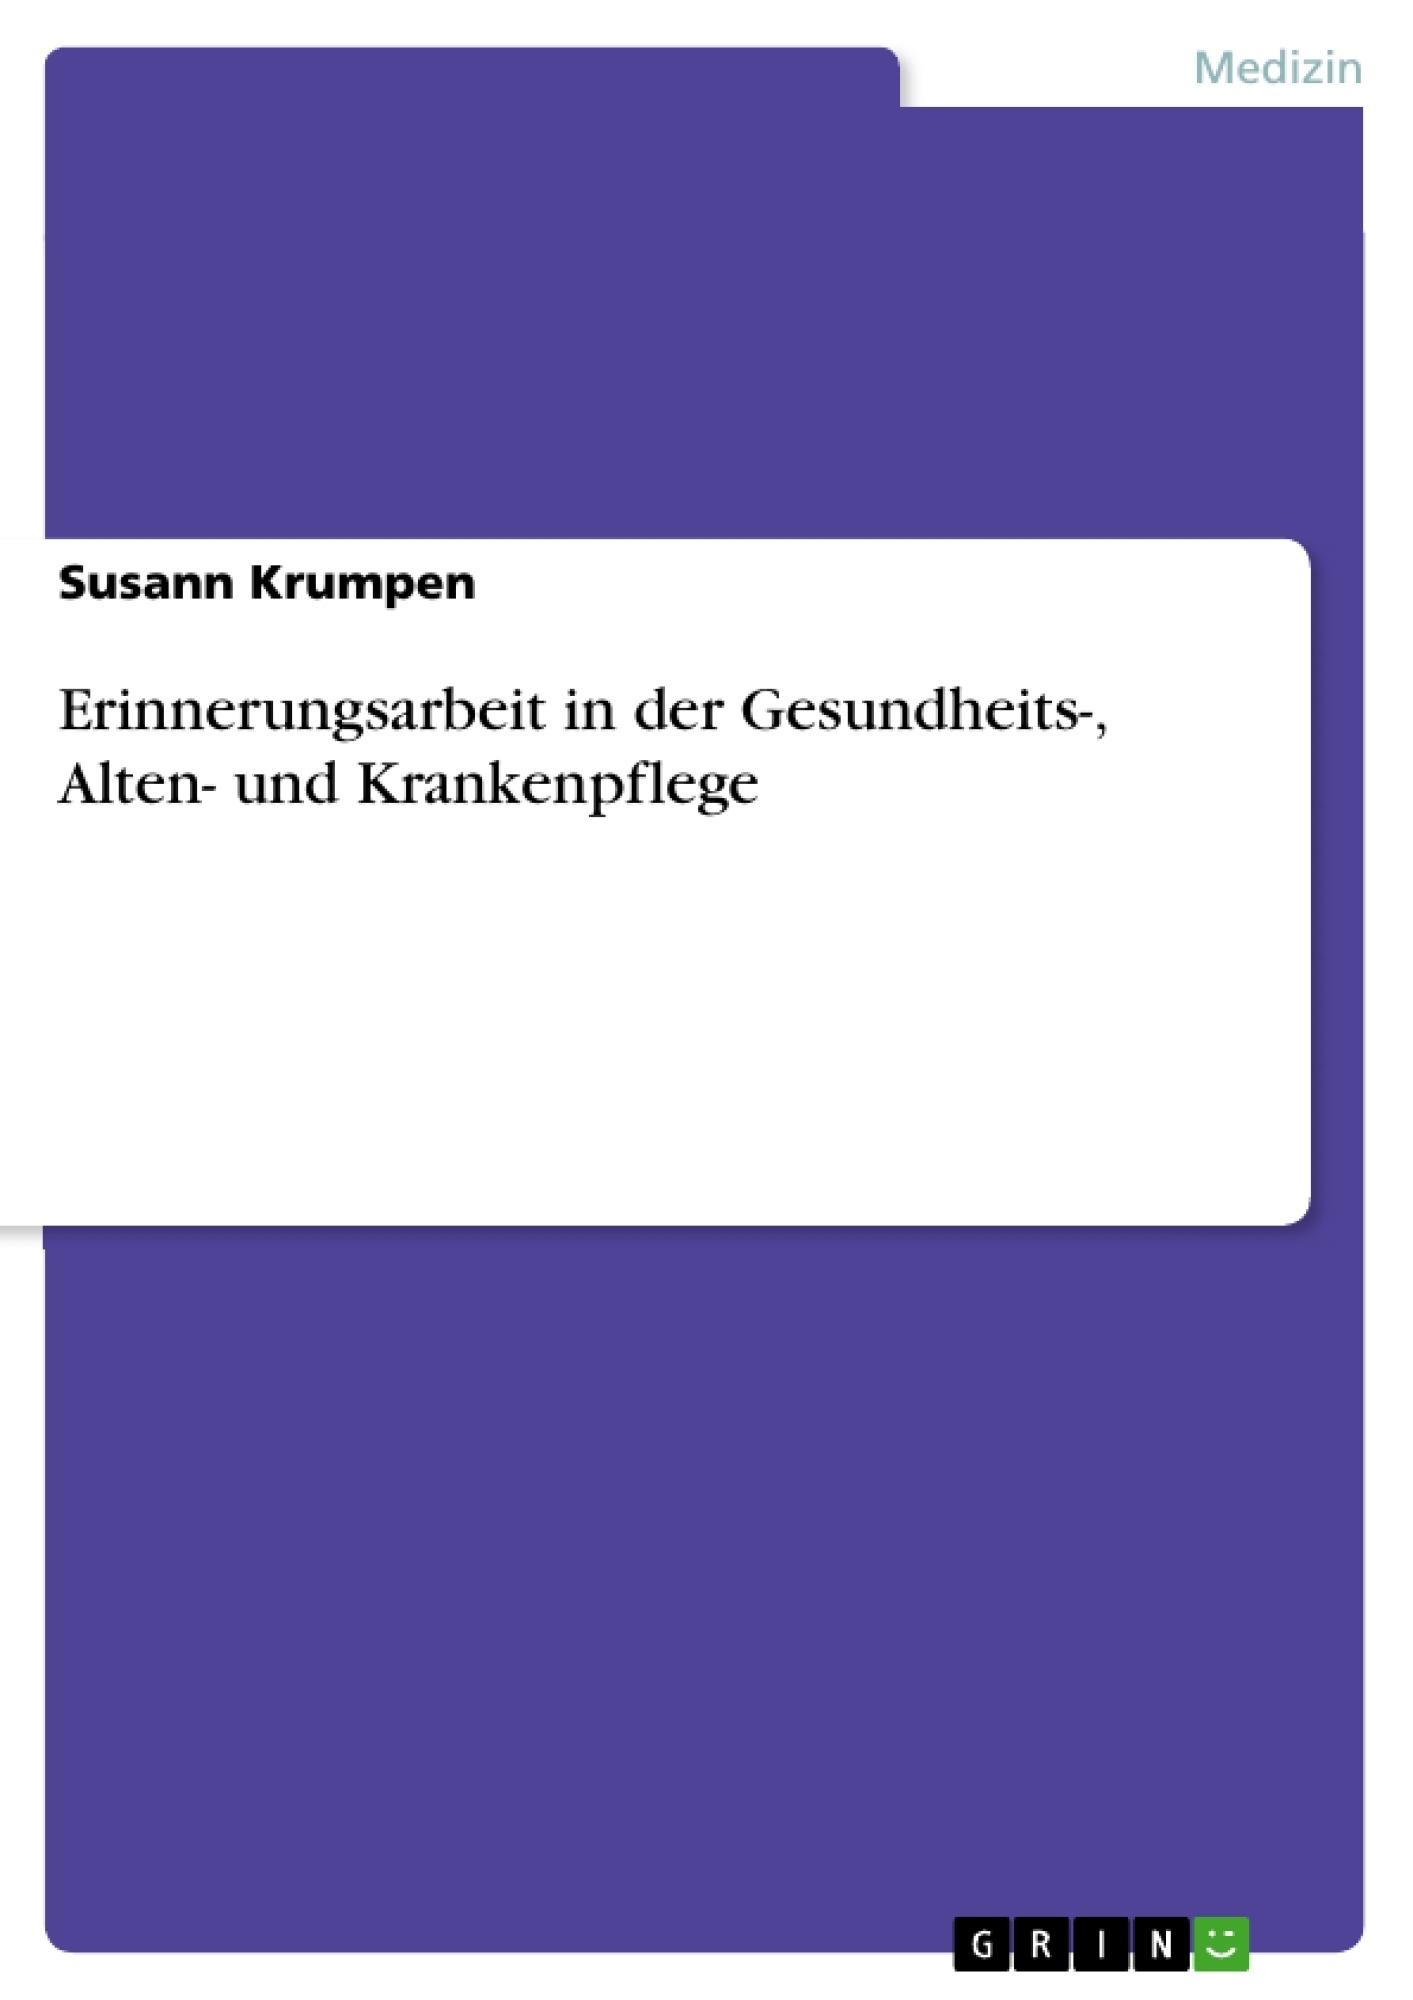 Titel: Erinnerungsarbeit in der Gesundheits-, Alten- und Krankenpflege